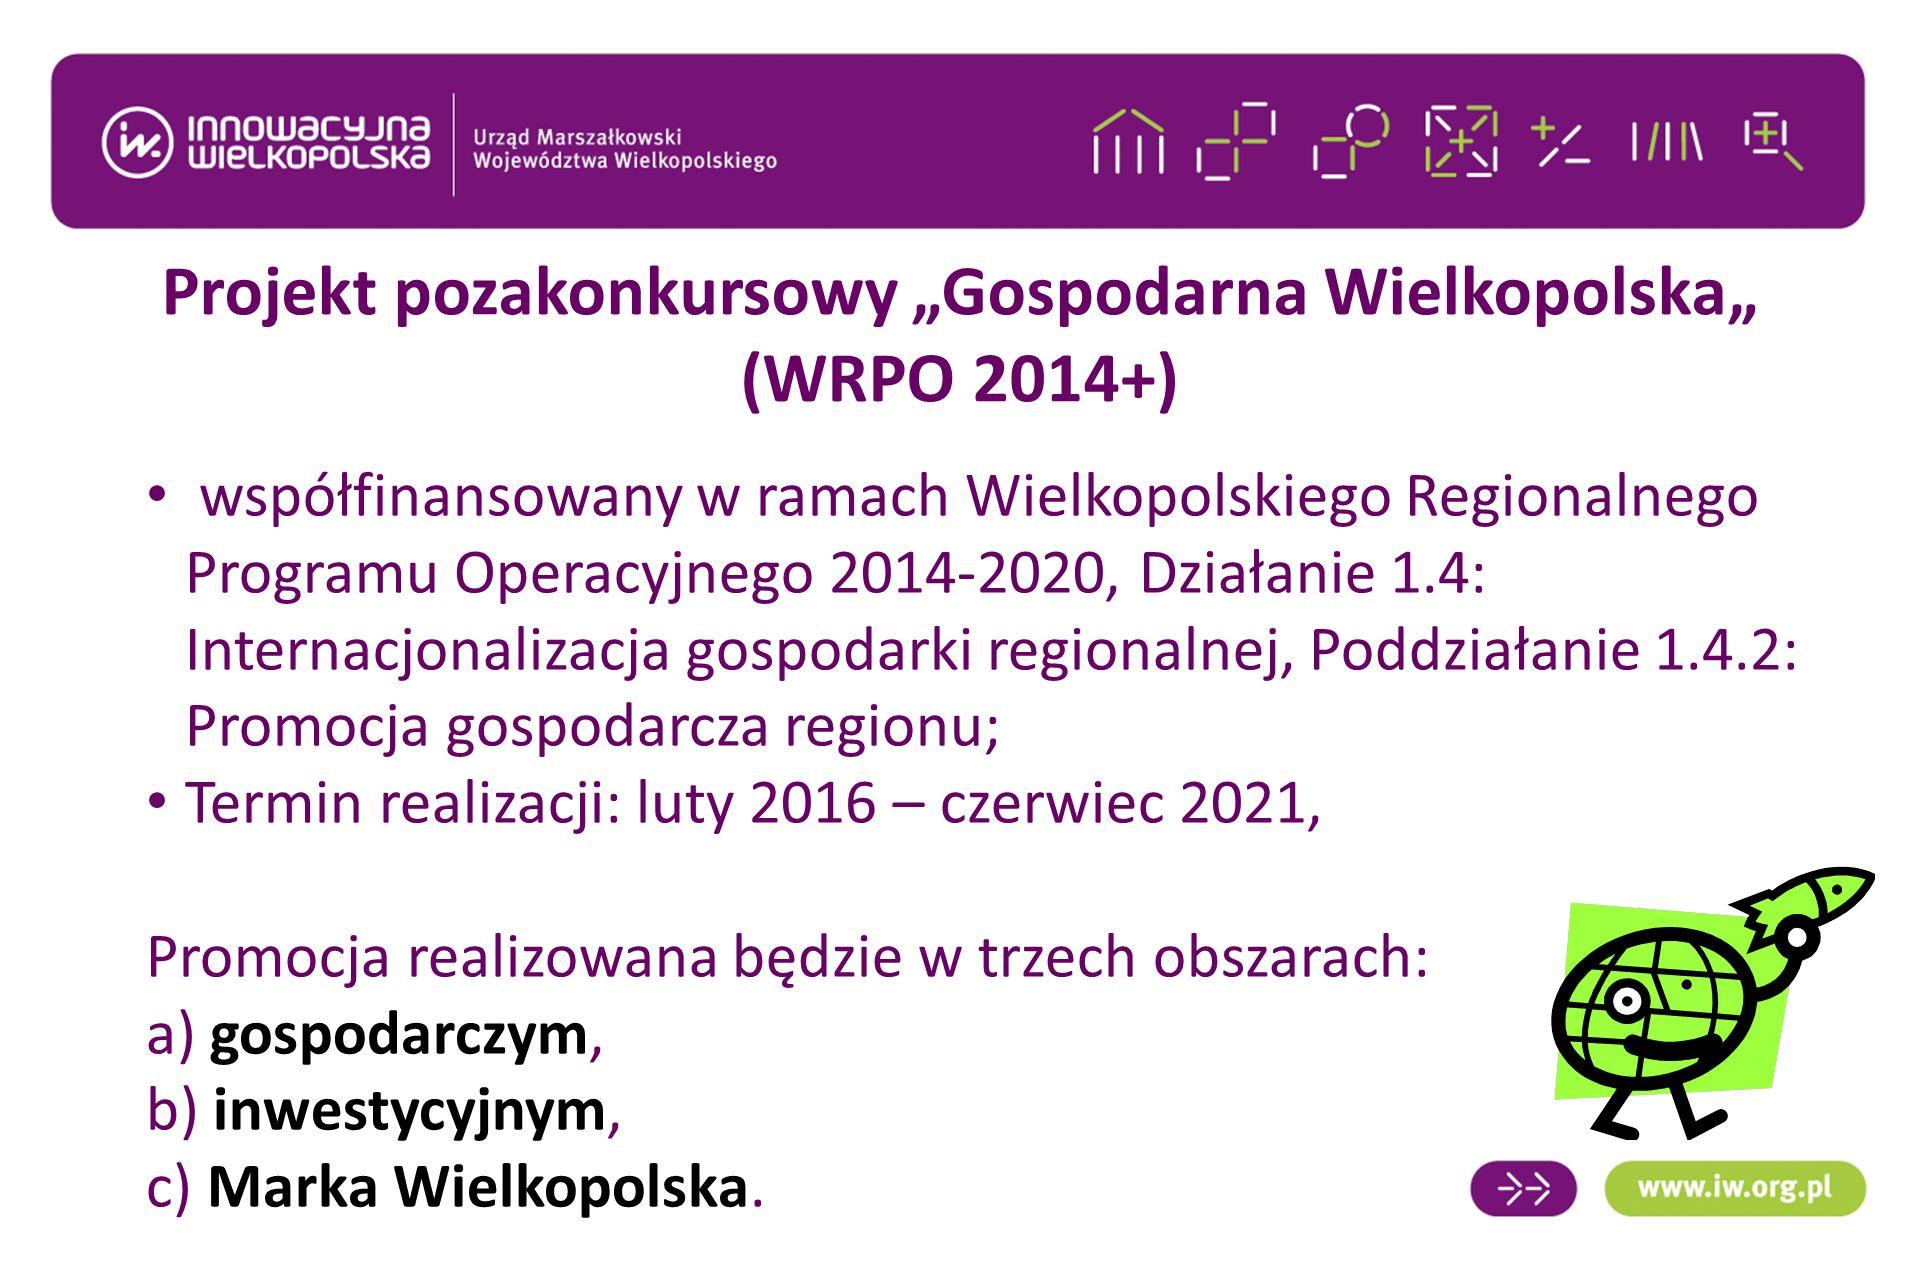 """Projekt pozakonkursowy """"Gospodarna Wielkopolska"""" (WRPO 2014+) współfinansowany w ramach Wielkopolskiego Regionalnego Programu Operacyjnego 2014-2020, Działanie 1.4: Internacjonalizacja gospodarki regionalnej, Poddziałanie 1.4.2: Promocja gospodarcza regionu; Termin realizacji: luty 2016 – czerwiec 2021, Promocja realizowana będzie w trzech obszarach: a) gospodarczym, b) inwestycyjnym, c) Marka Wielkopolska."""